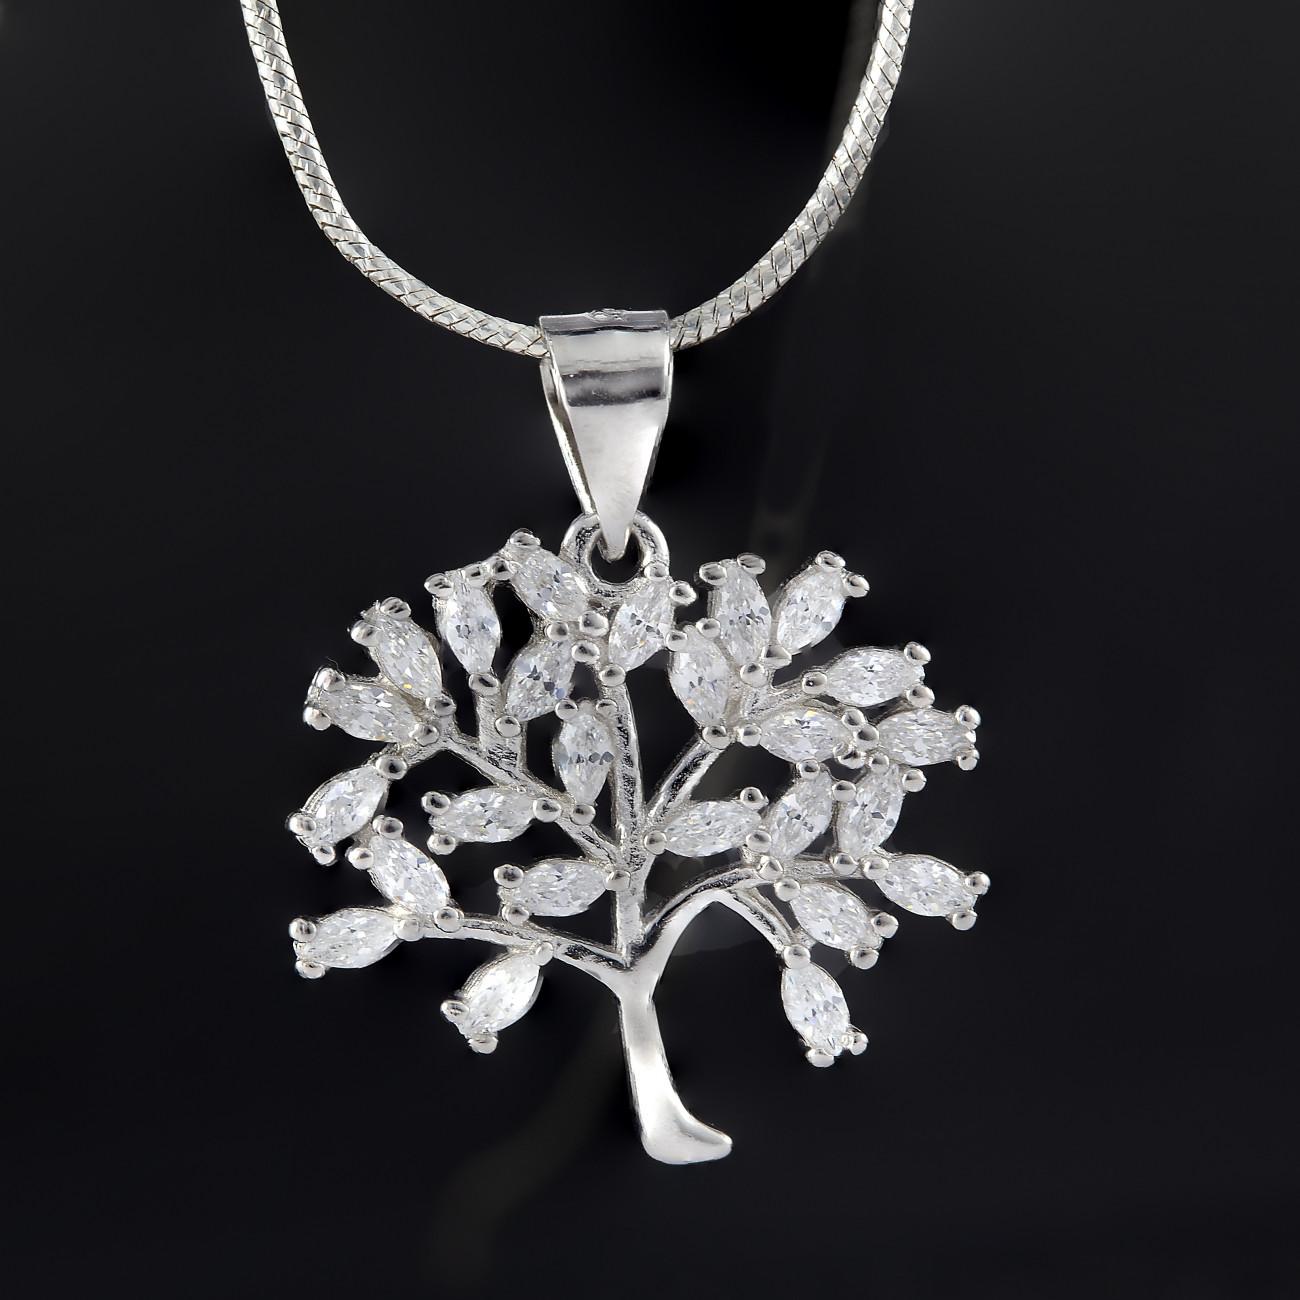 Luxusní přívěsek strom života z pravého stříbra se třpytivými kamínky